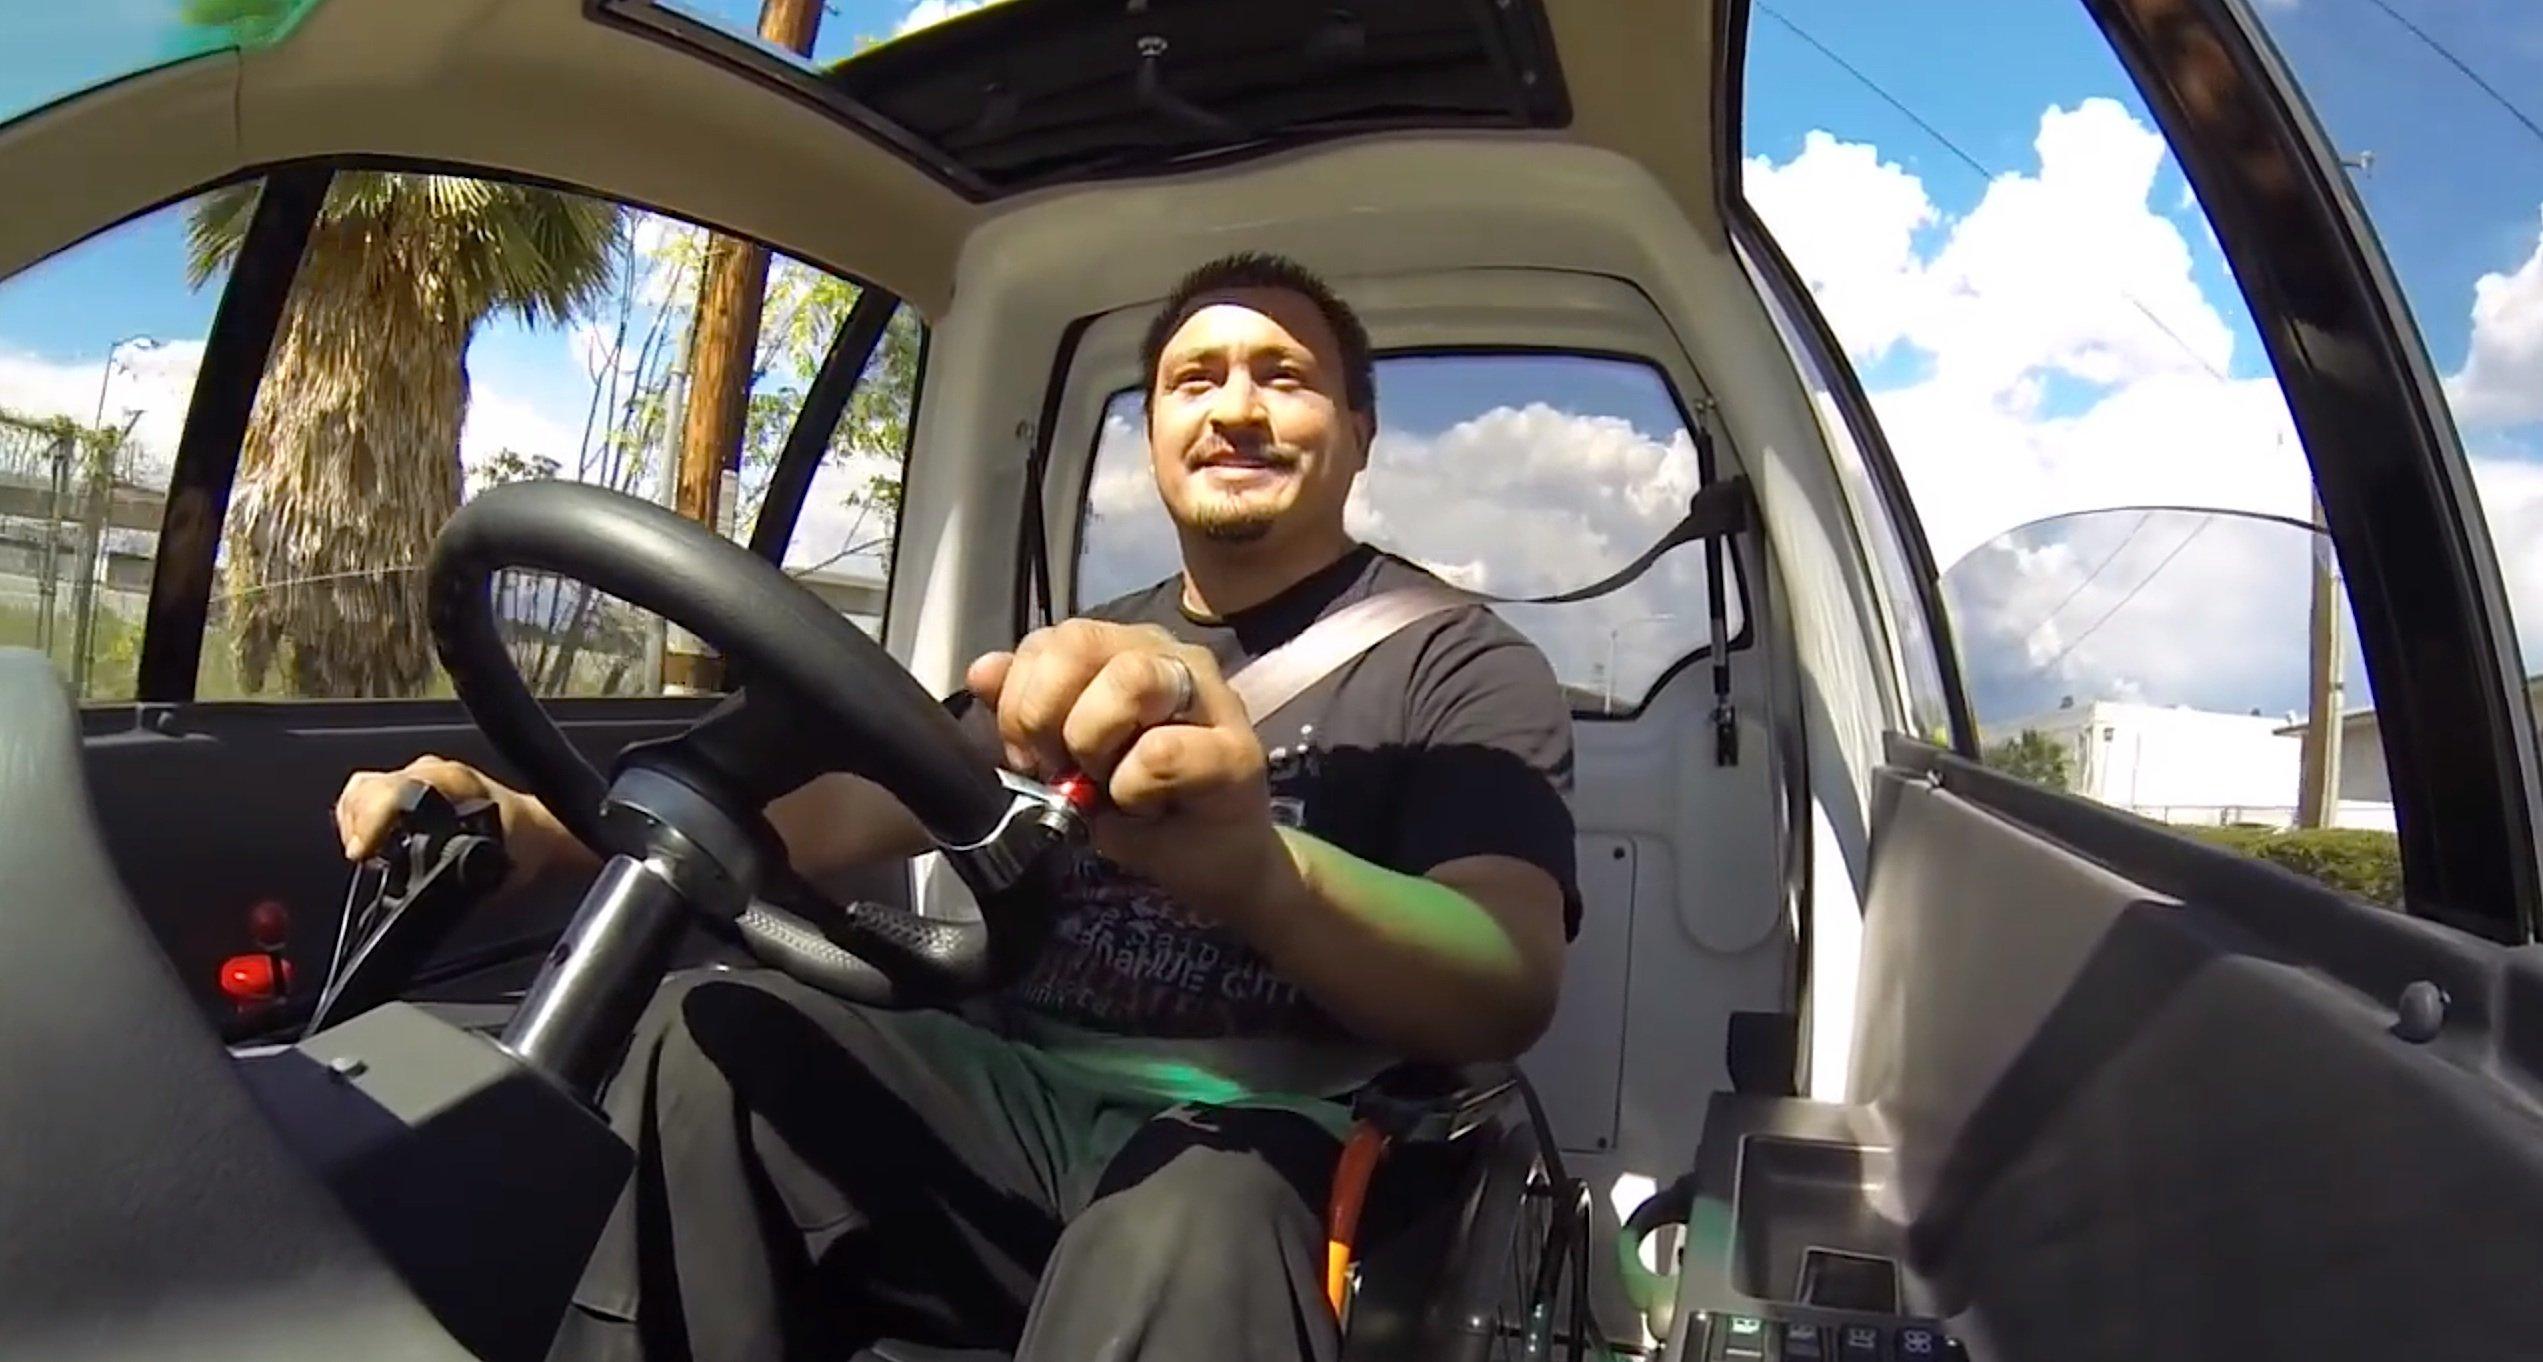 Rollstuhlfahrer in einem Chariot: In das Auto rollt man von hinten hinein, schnallt sich an – und fährt los.